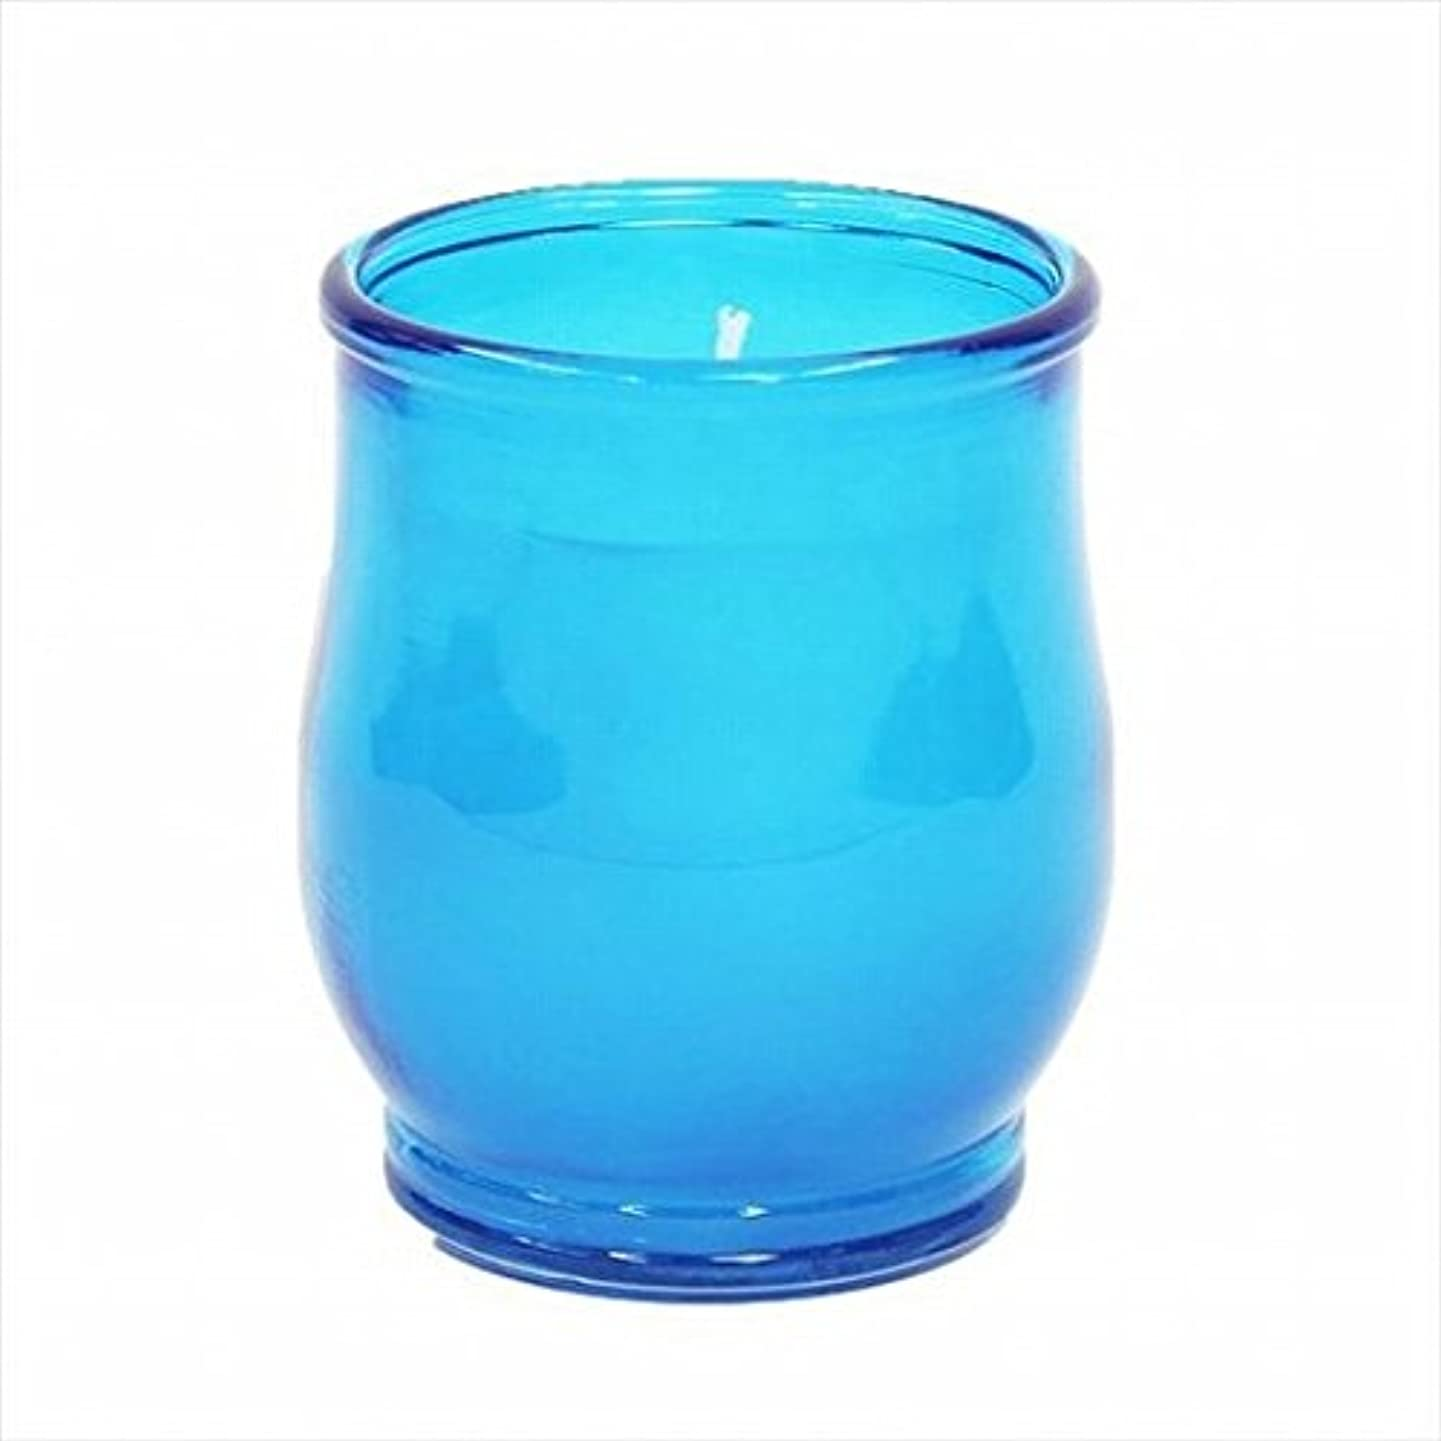 カップル落ち着いた忘れっぽいkameyama candle(カメヤマキャンドル) ポシェ(非常用コップローソク) 「 ブルー 」 キャンドル 68x68x80mm (73020000BL)